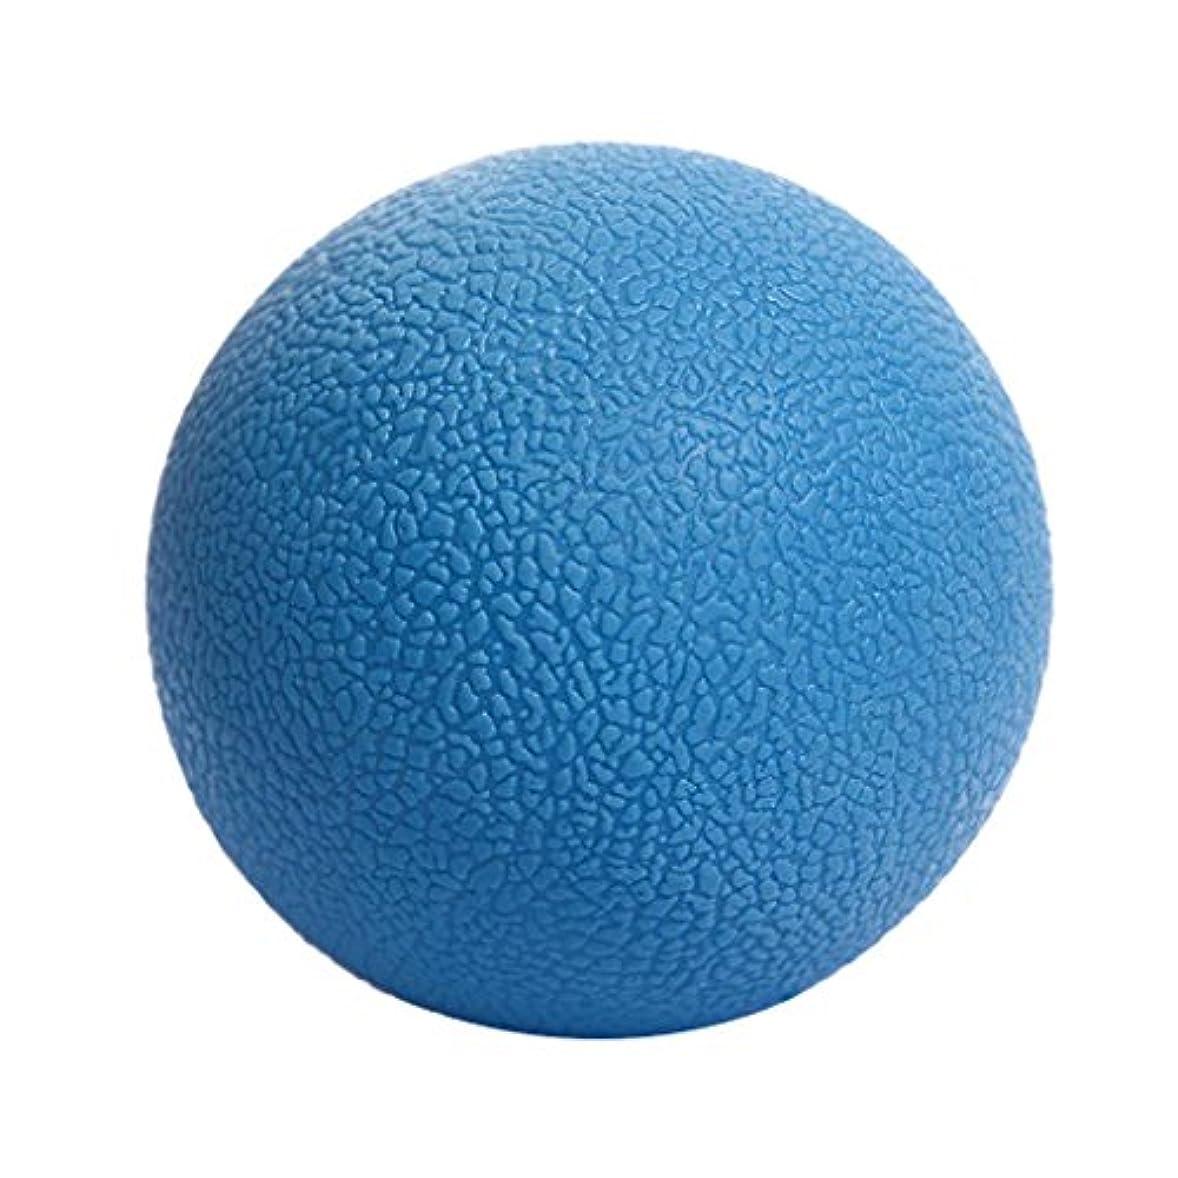 愚かなデイジーばかげたマッサージボール ボディーマッサージ 便利 TPE ヨガ ピラティス 4色選べる - 青, 説明したように